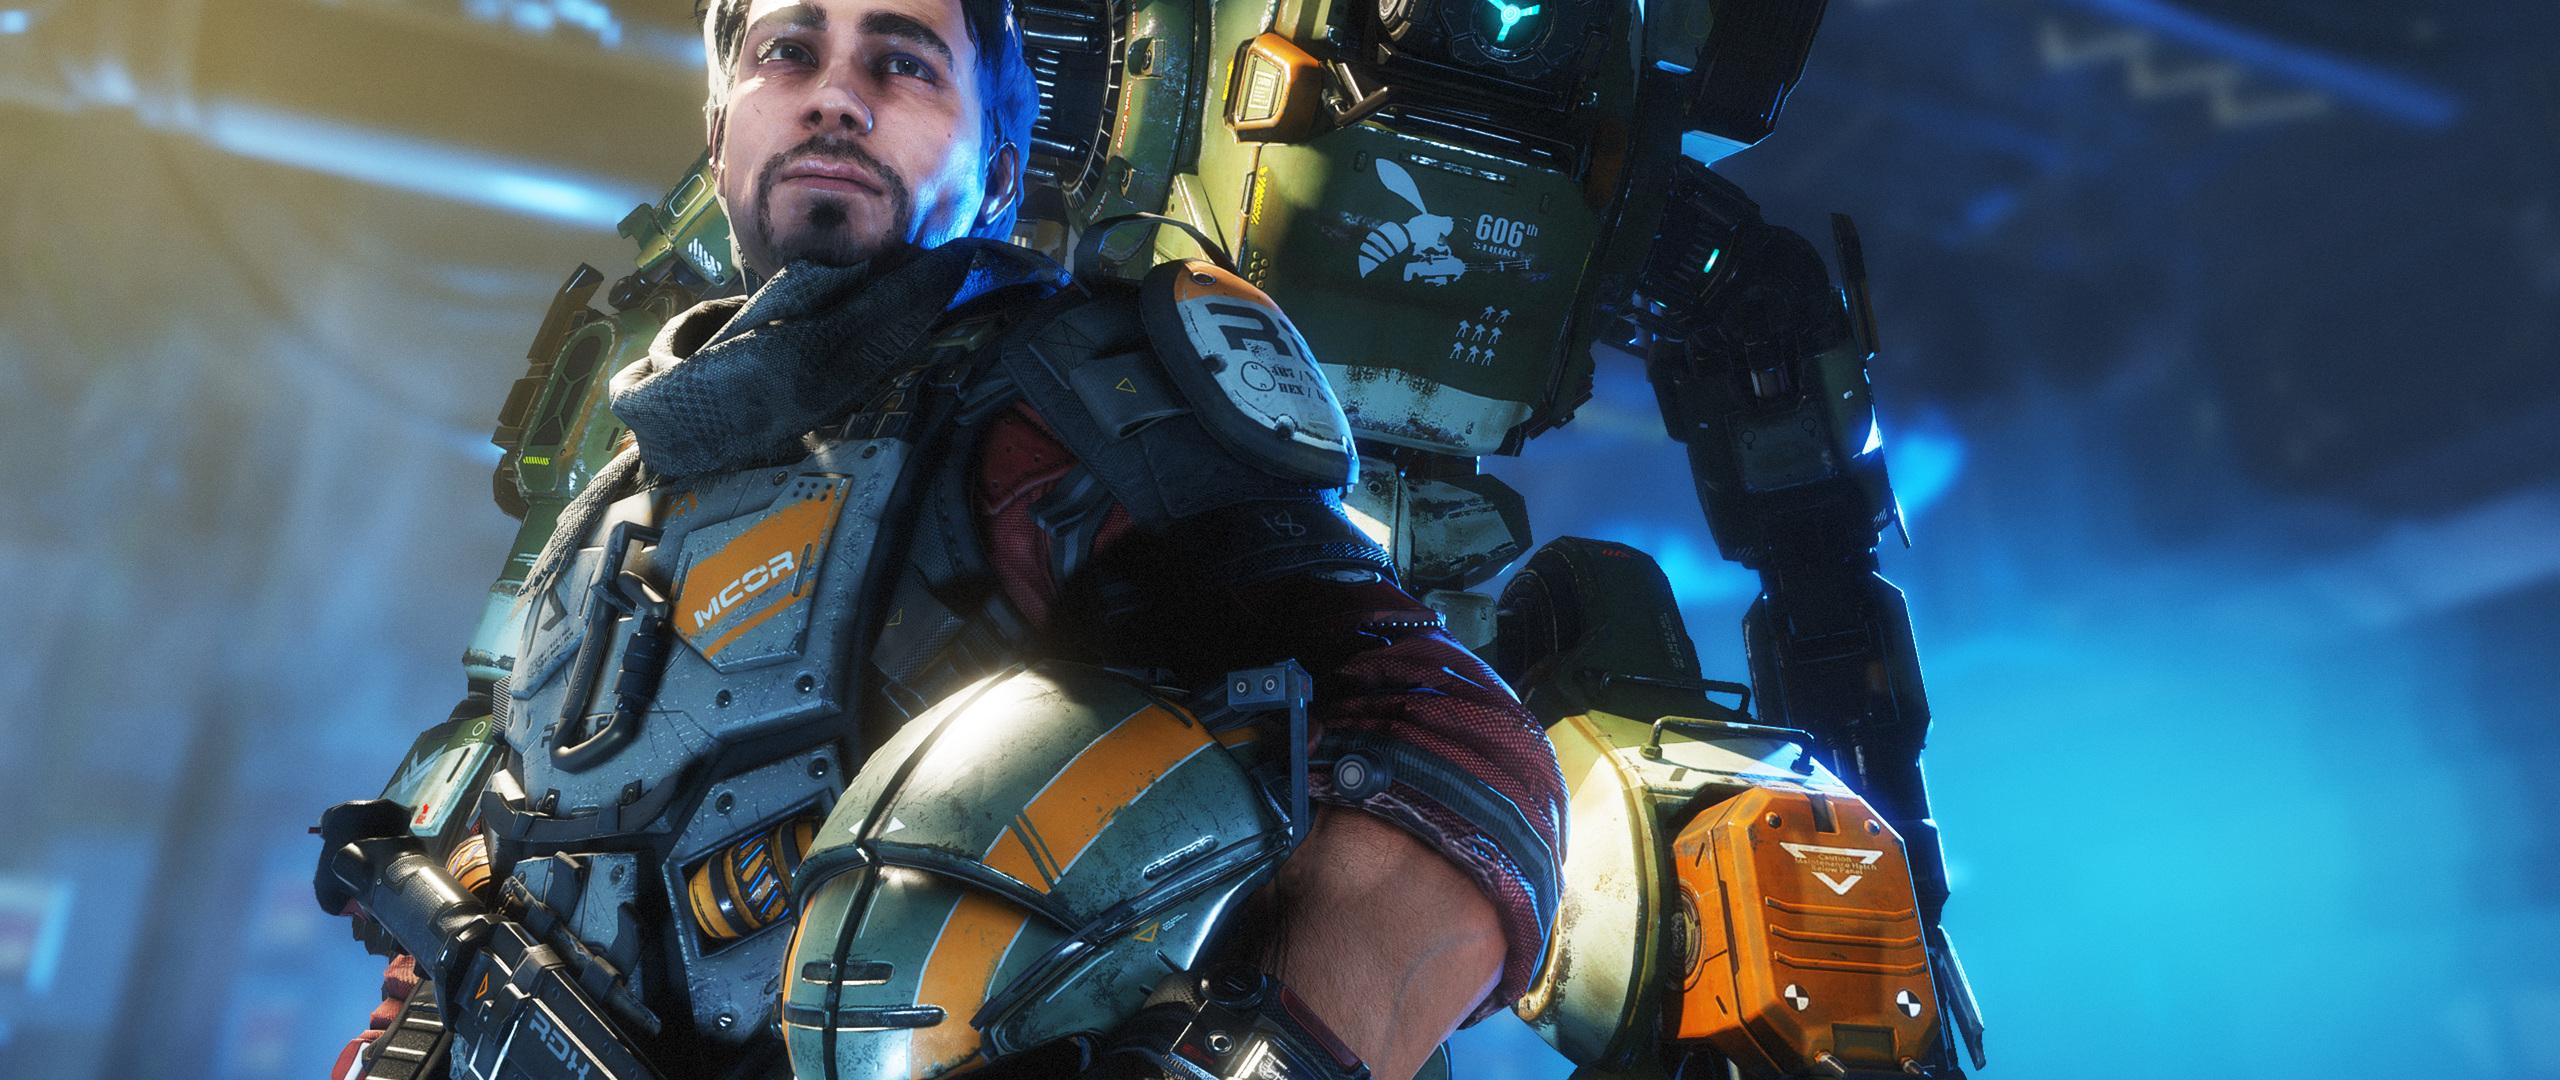 titanfall-2-game-pic.jpg